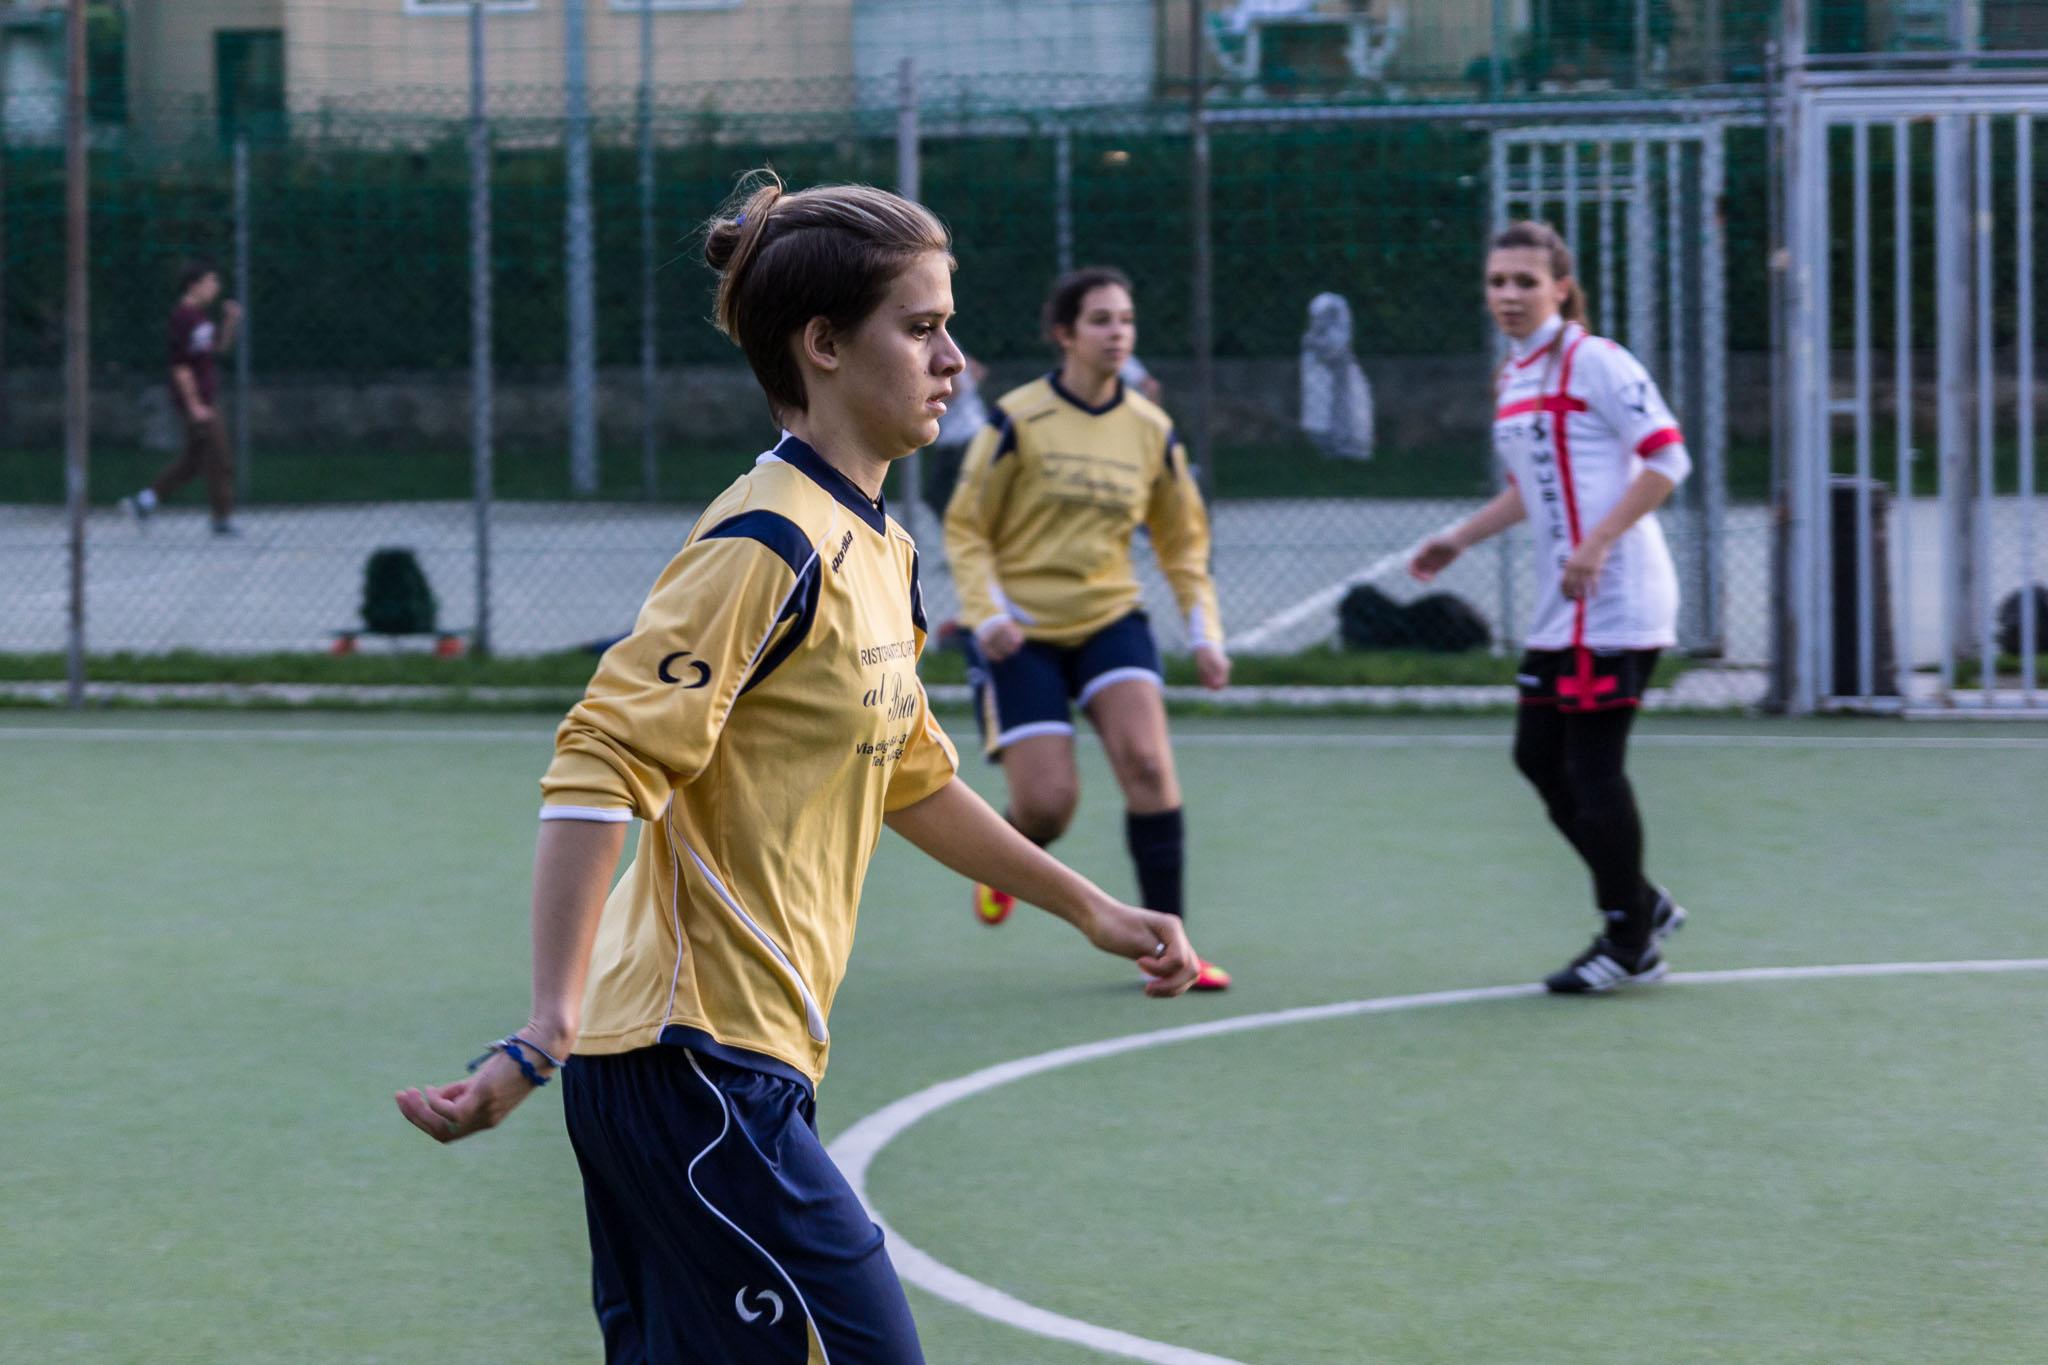 Calcio_5_femminile-009